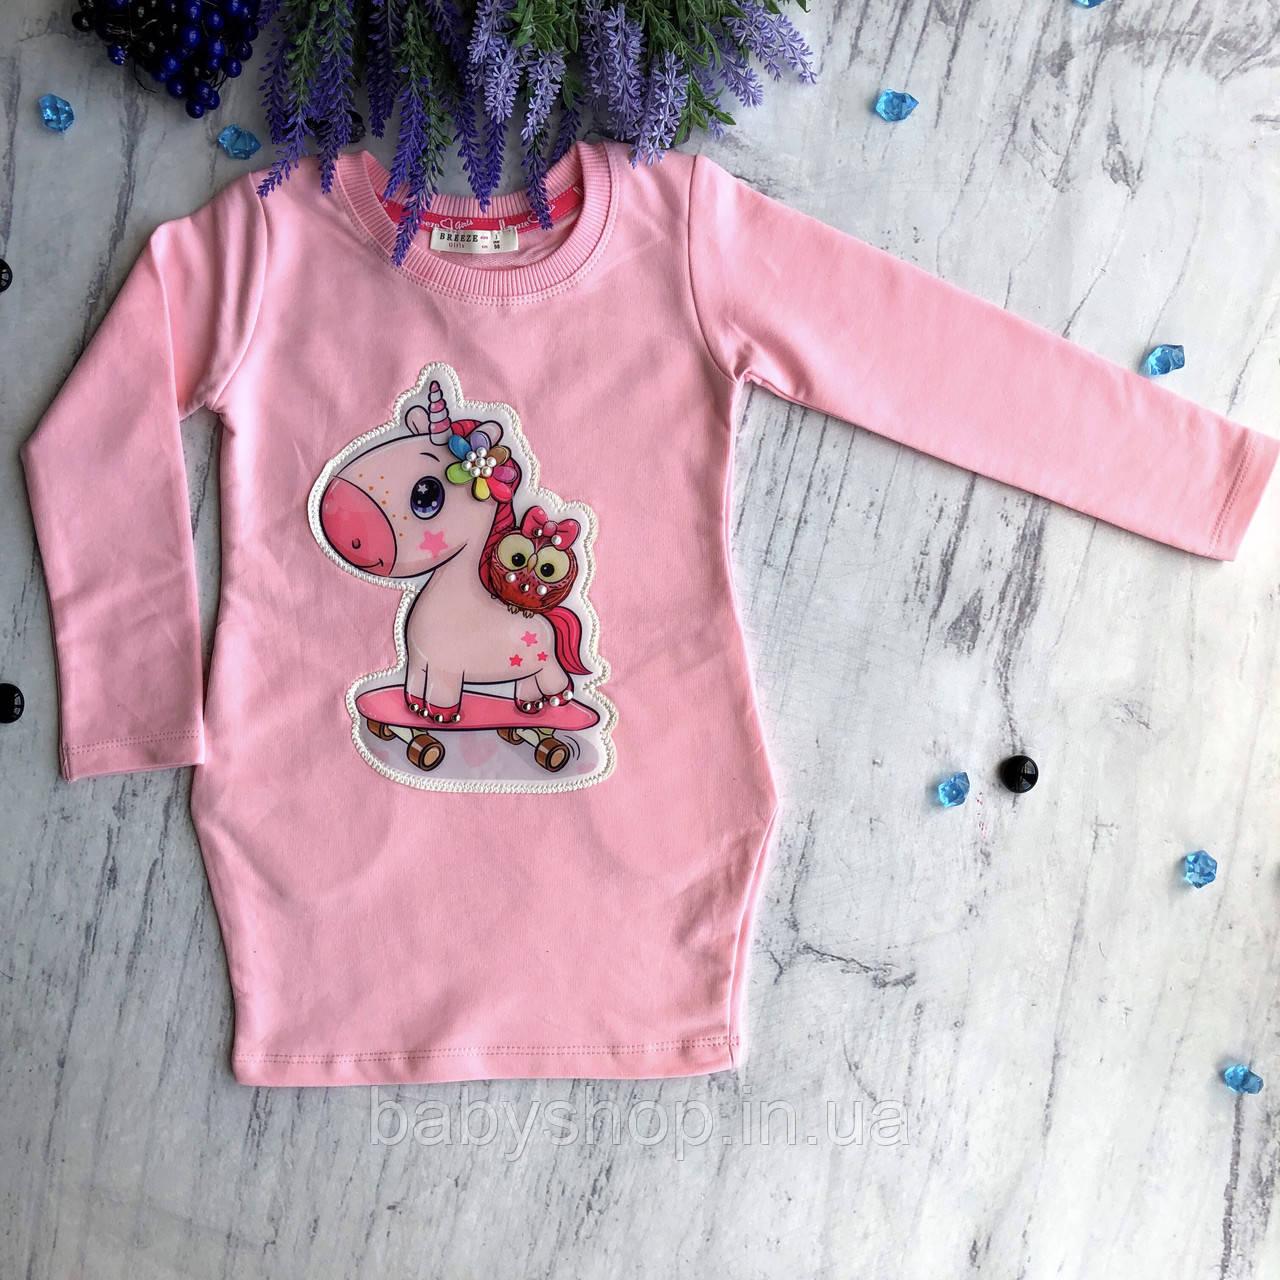 Детское платье Breeze рисунок3D. Размер 98 см(3года), 104 см(4года), 110 см(5лет), 116 см(6 лет), 128 см(8лет